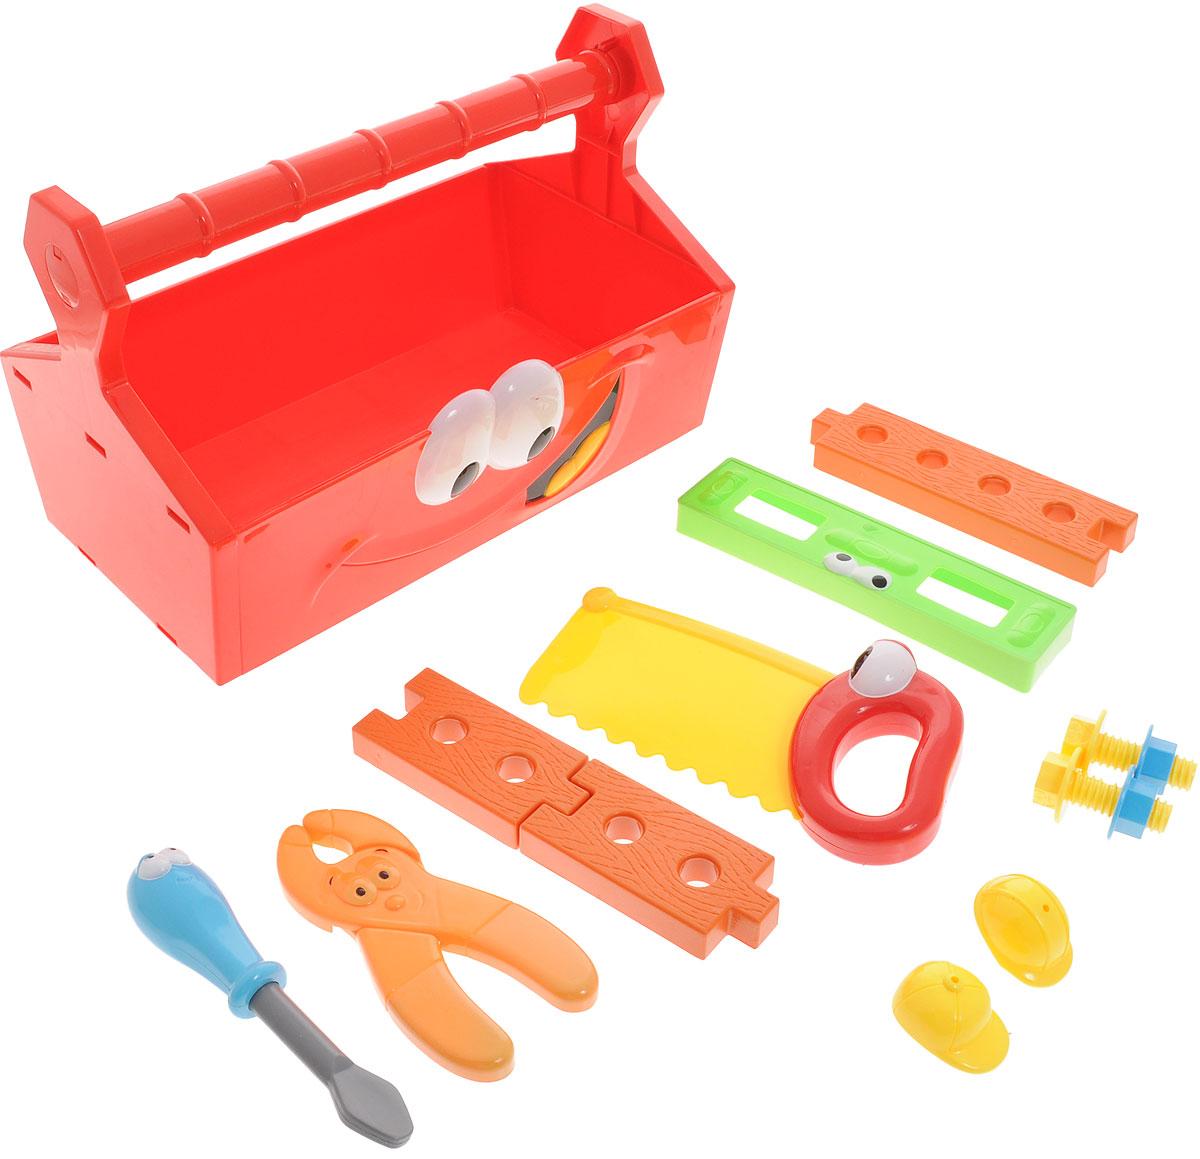 Boley Игровой набор Инструменты с ящиком аксессуары для кукол boley игрушка boley корона серия холодное сердце